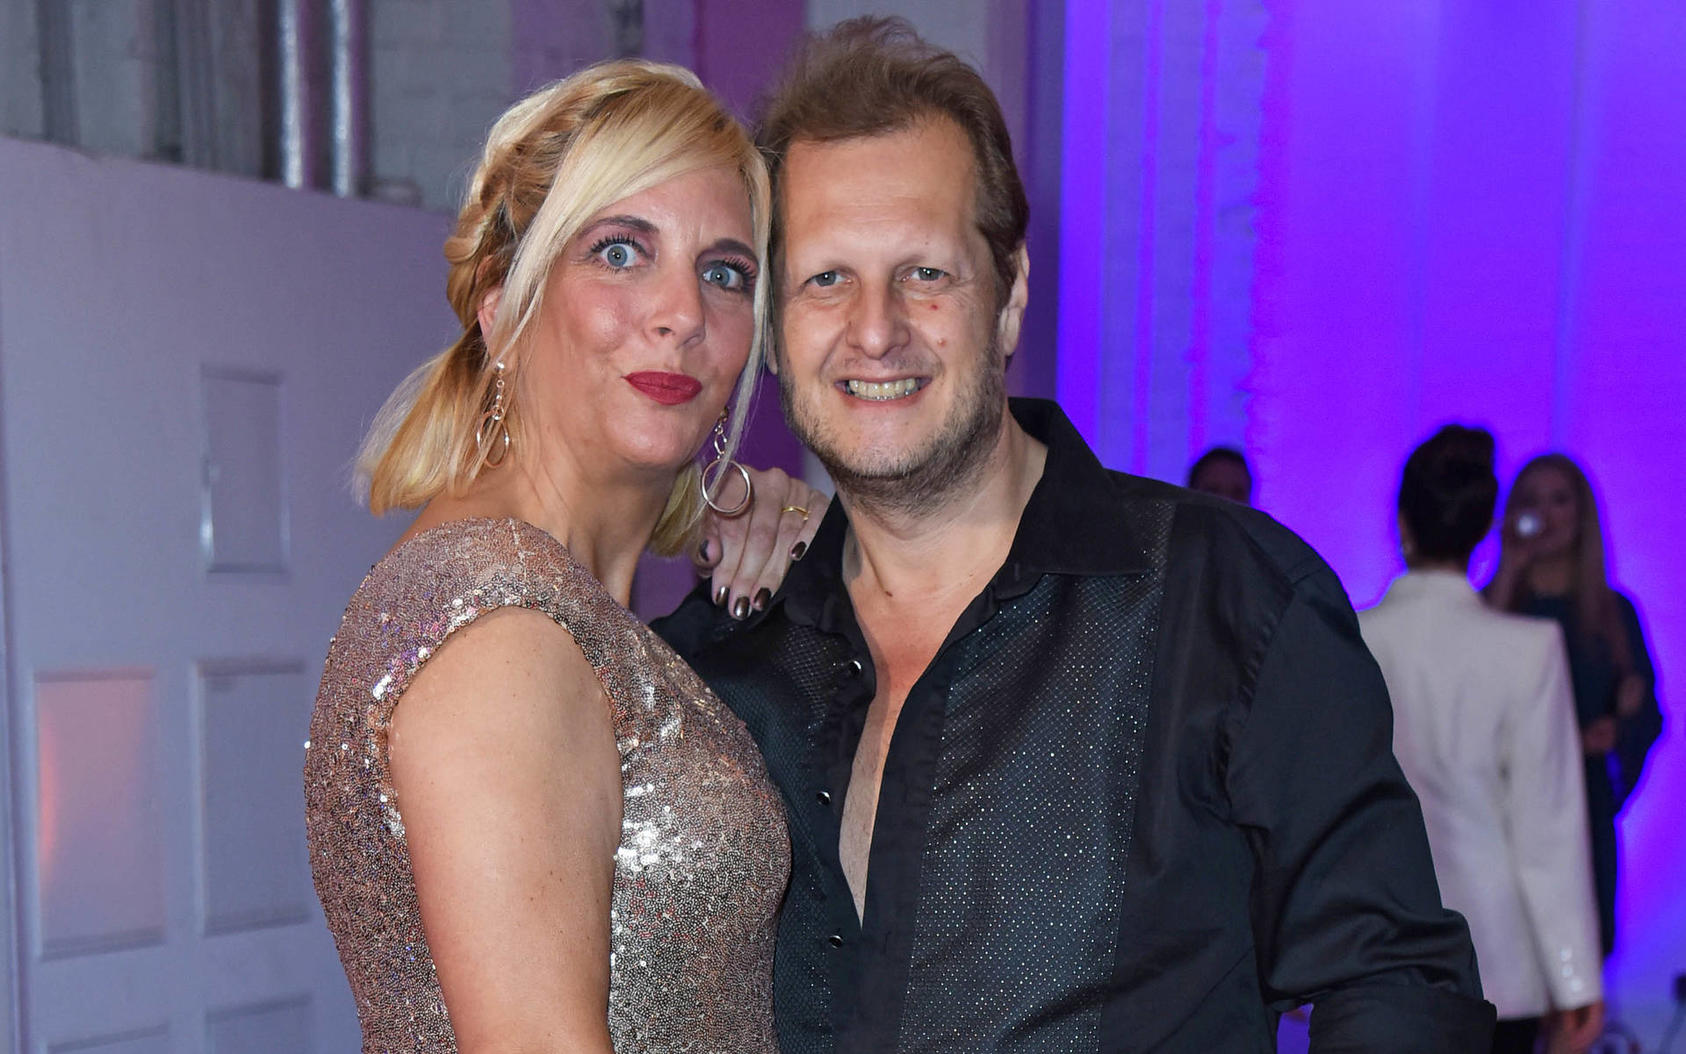 Daniela und Jens Büchner haben hart an der Faneteria gearbeitet